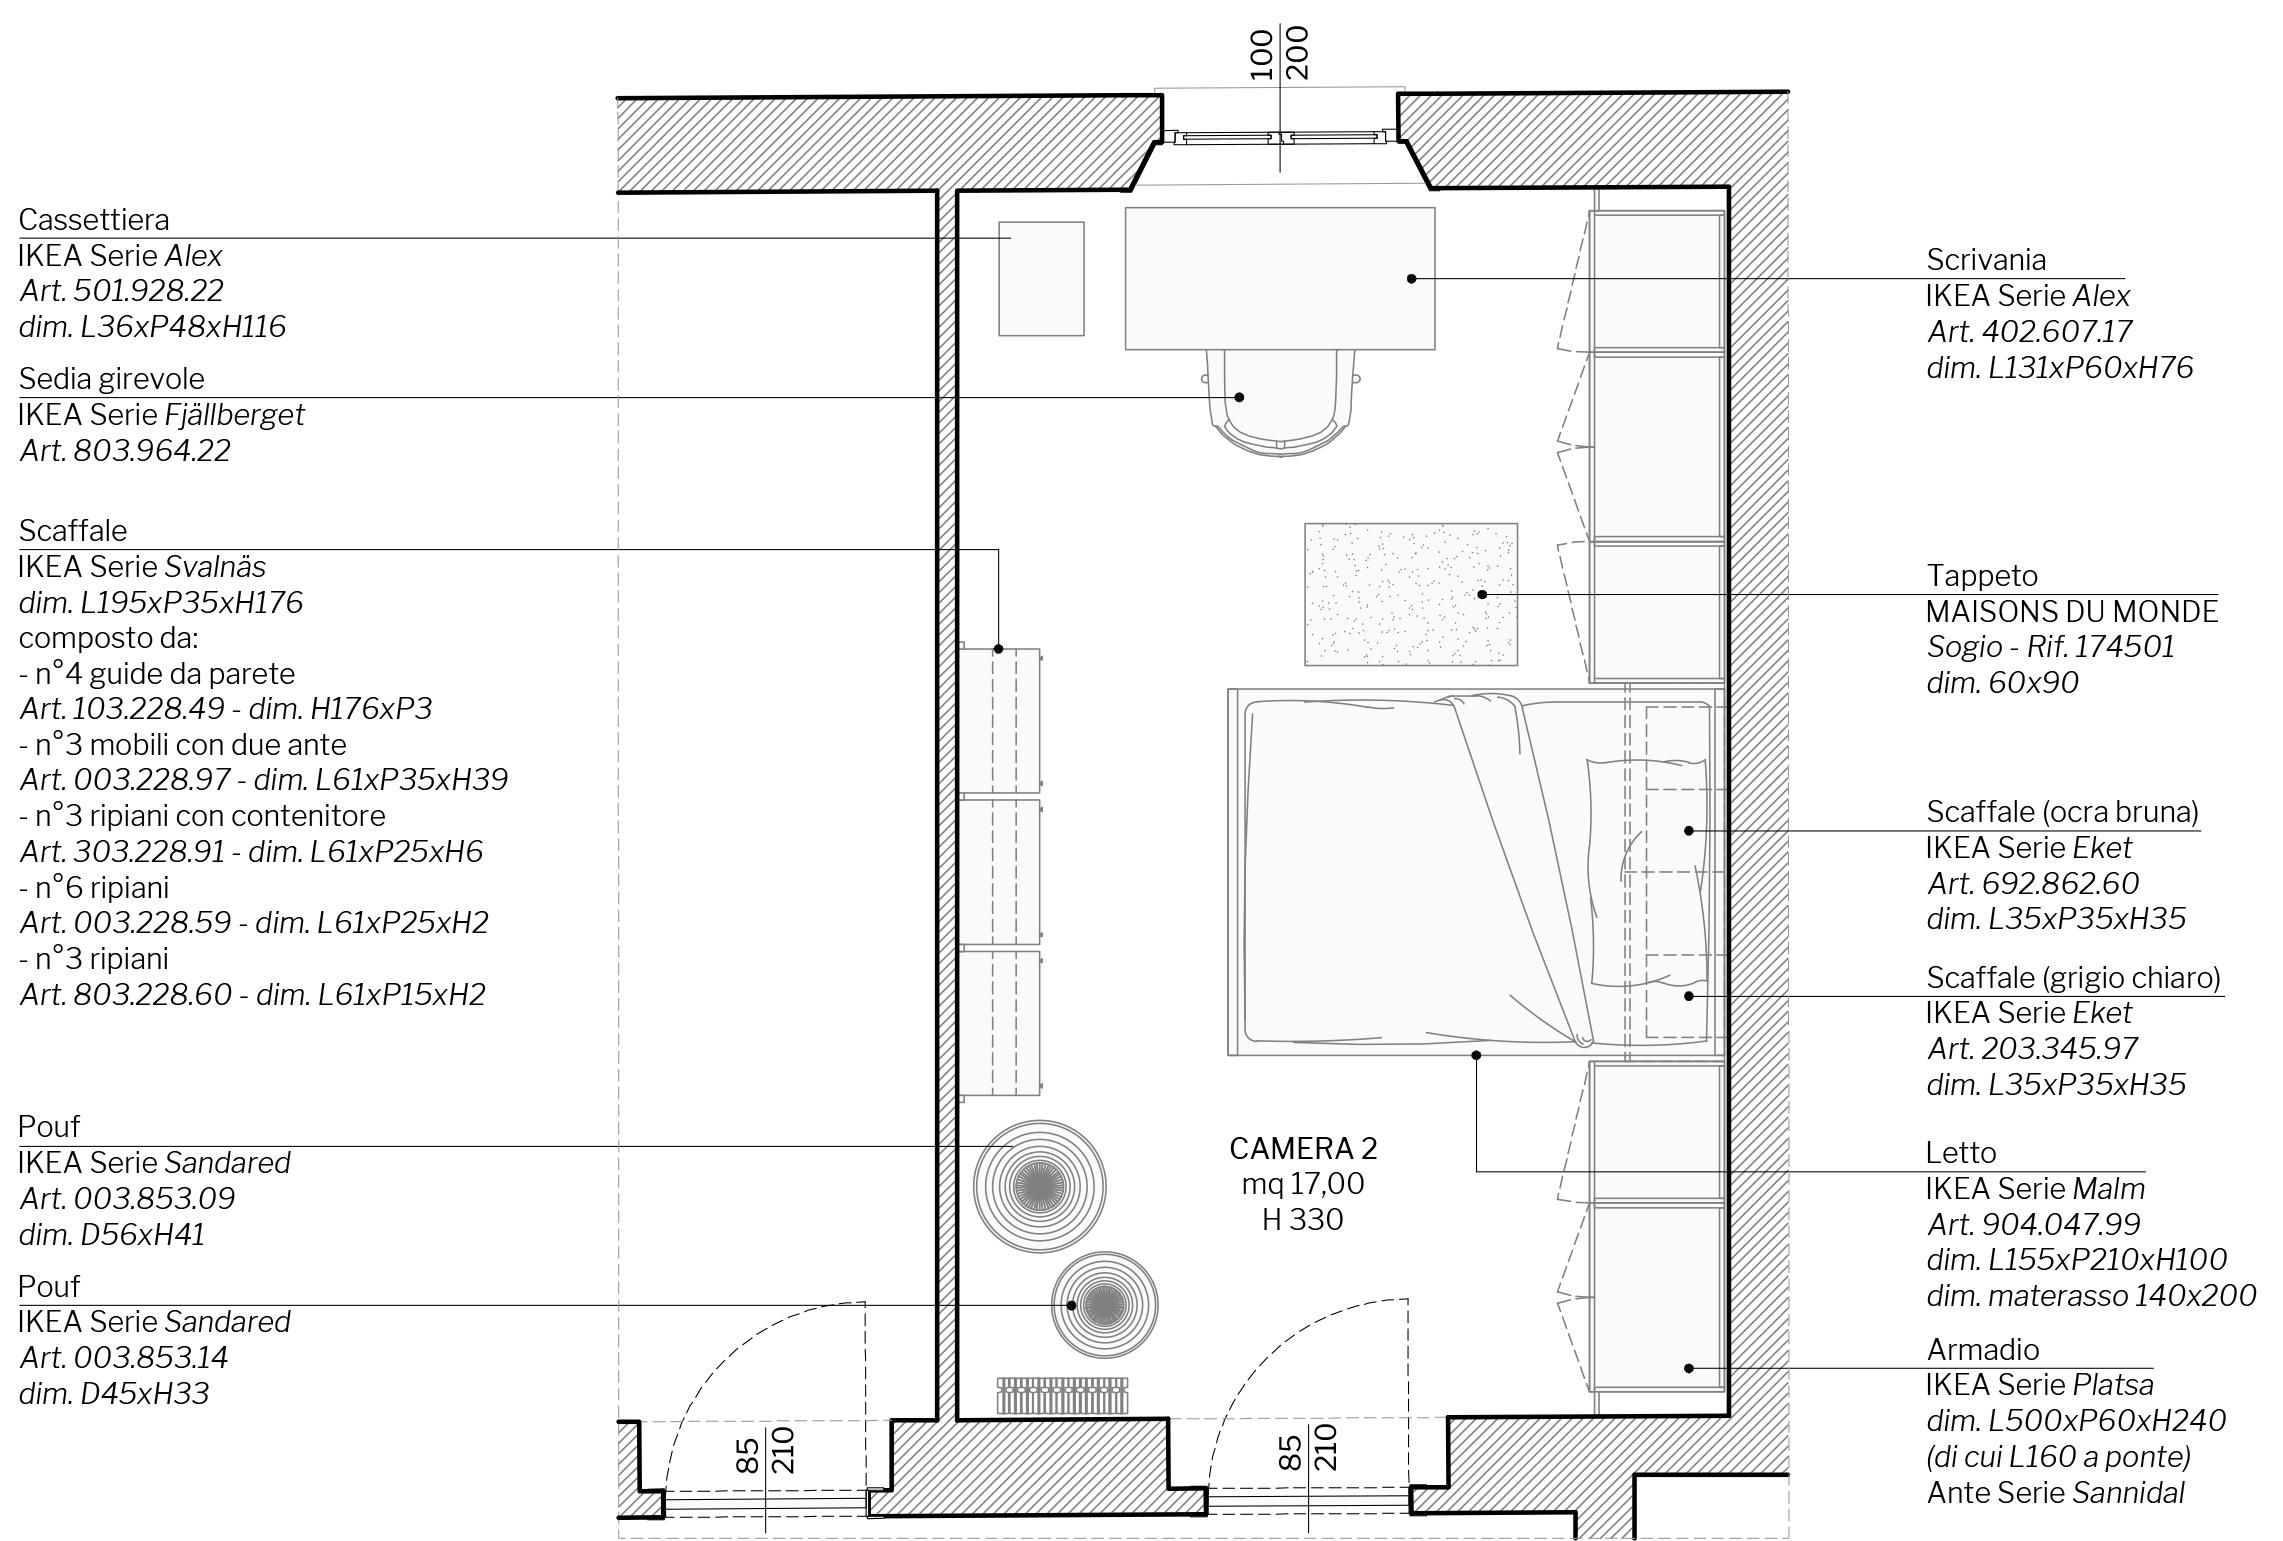 Appartamento in Cernusco sul Naviglio - camera figlio - planimetria